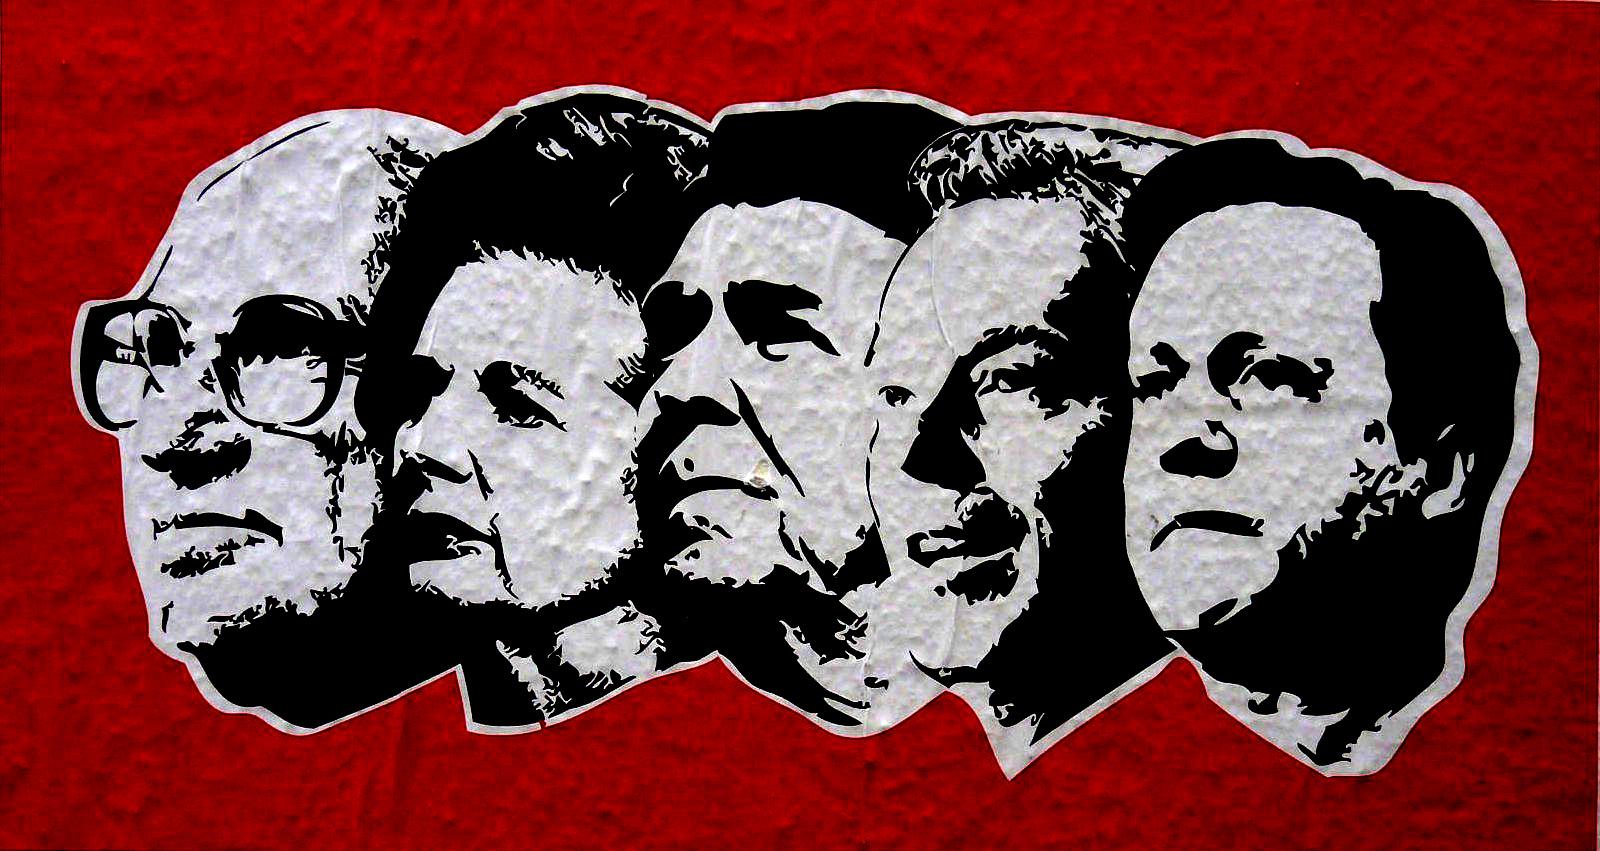 نئولیبرالیسم زیر سایهی دموکراسی